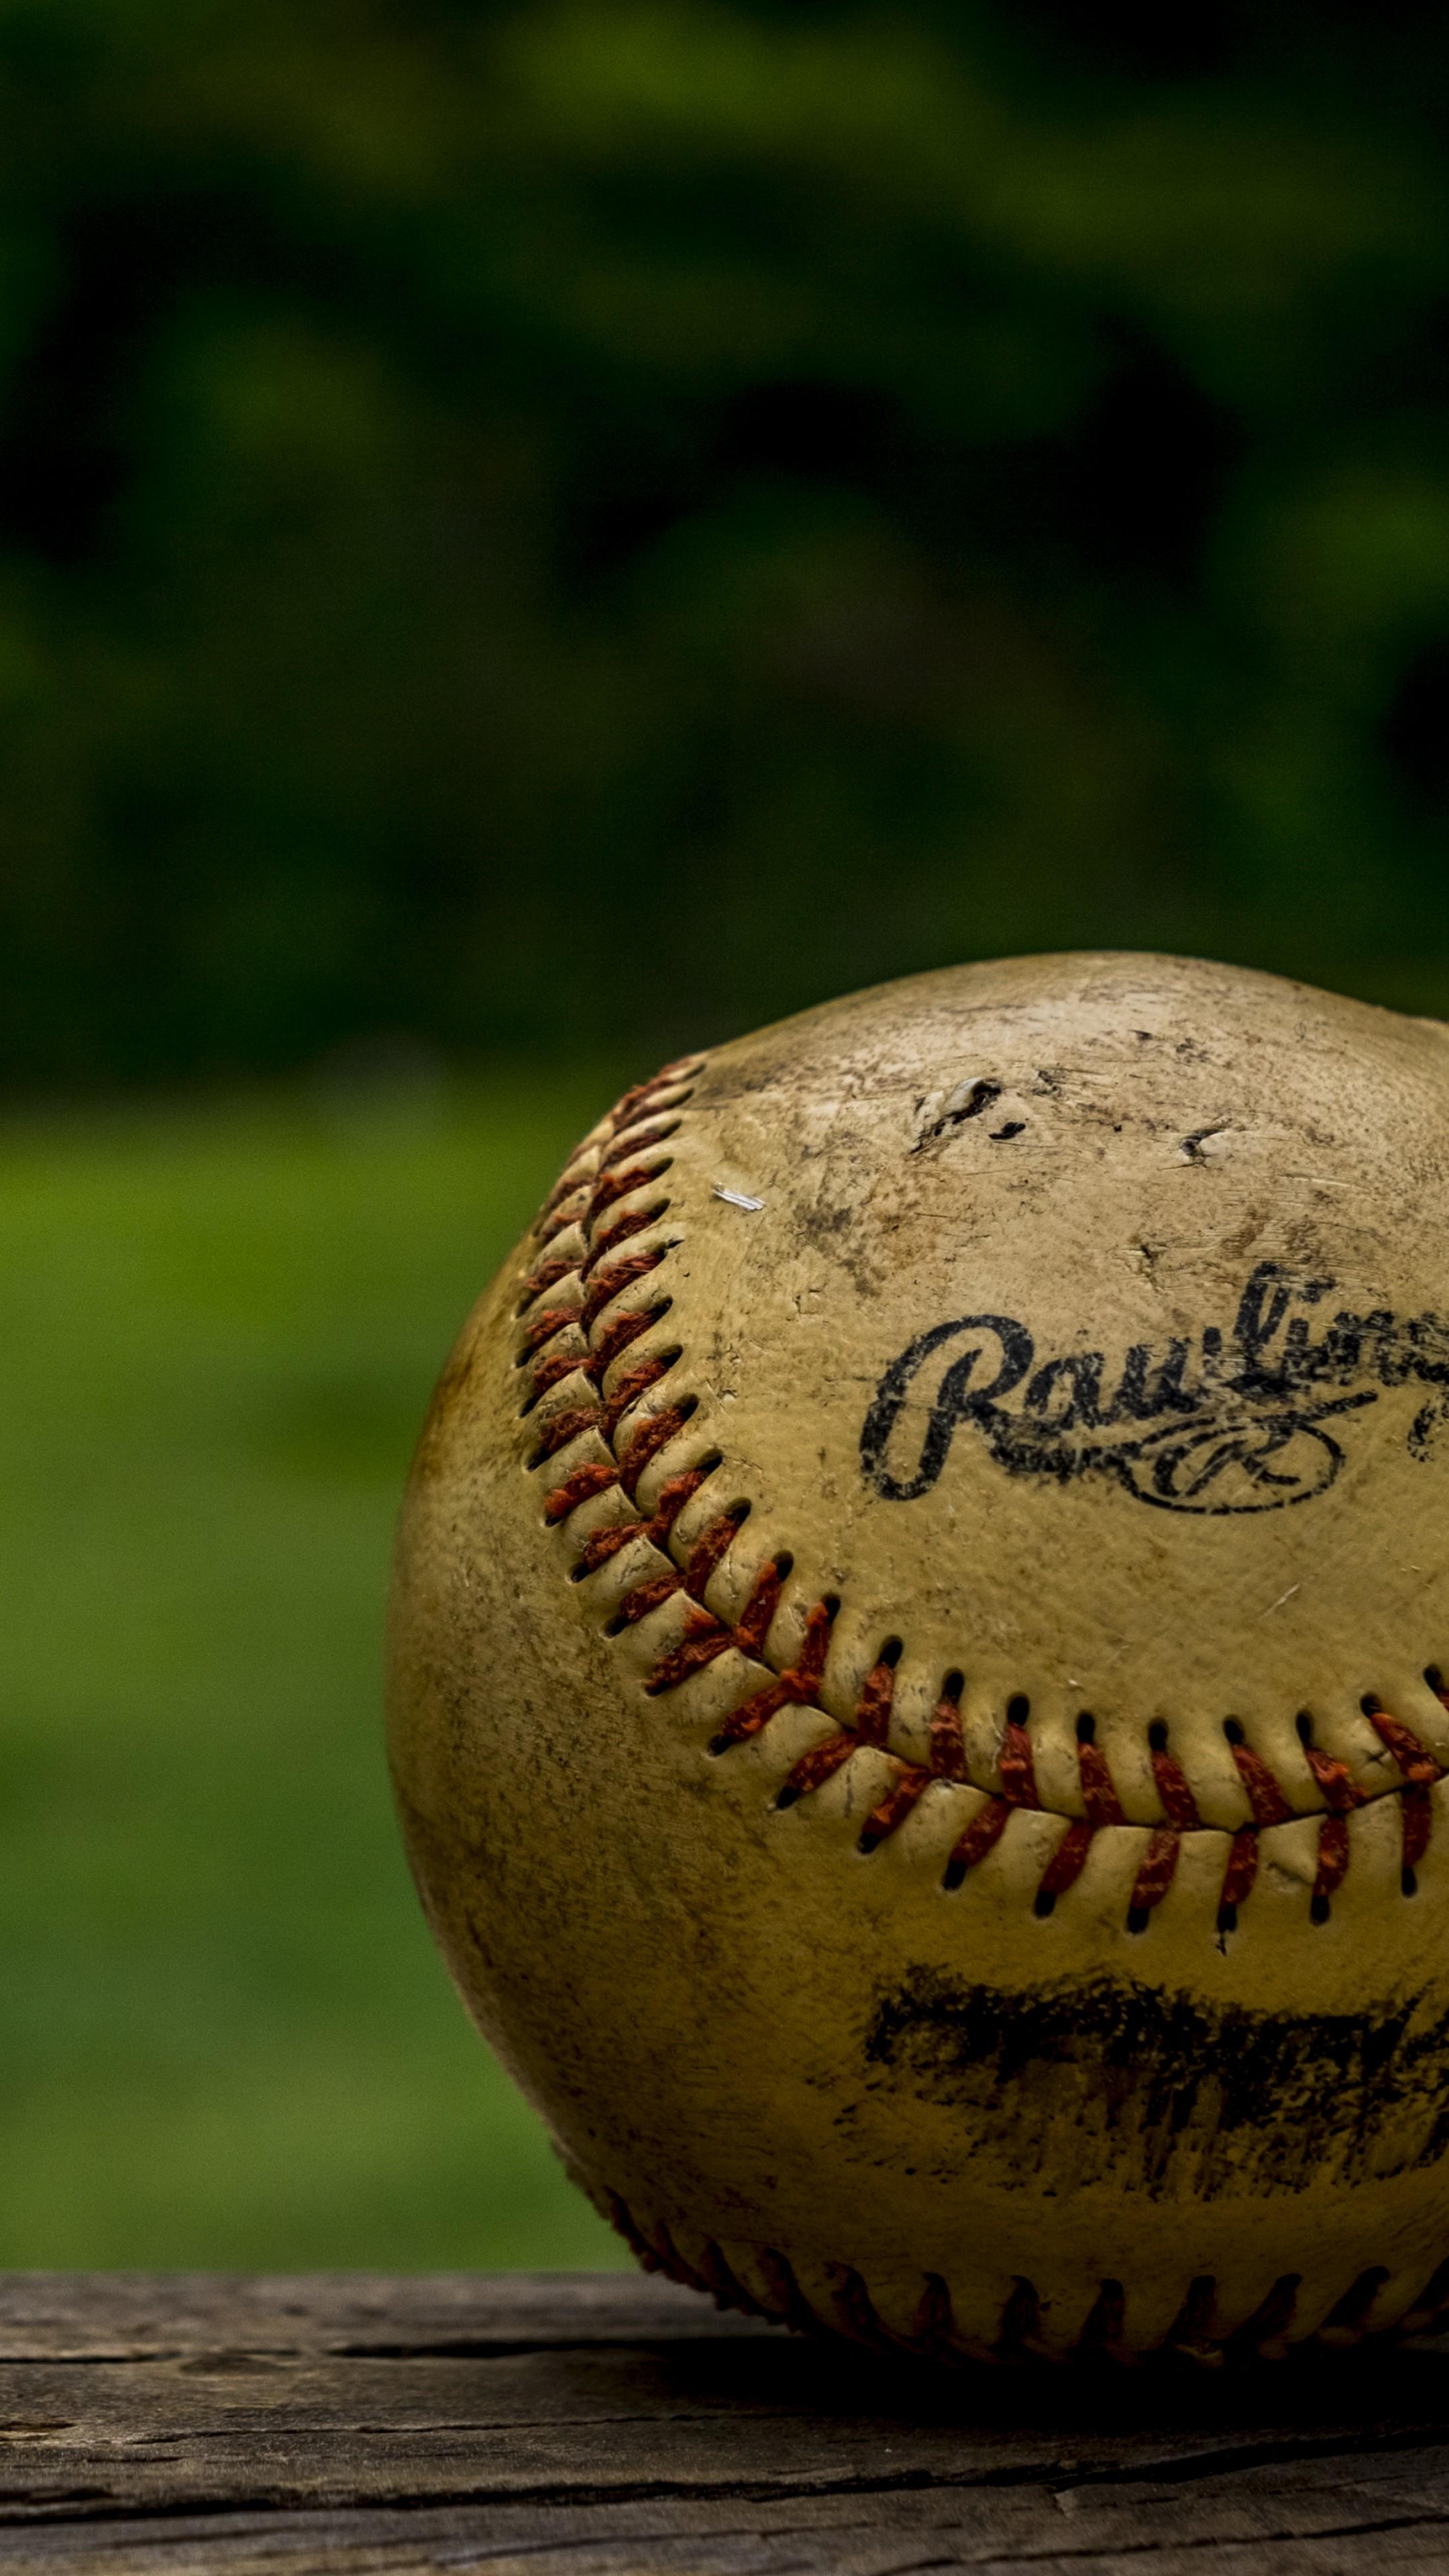 Wallpaper Baseball, ball, 6K, Sport #19772